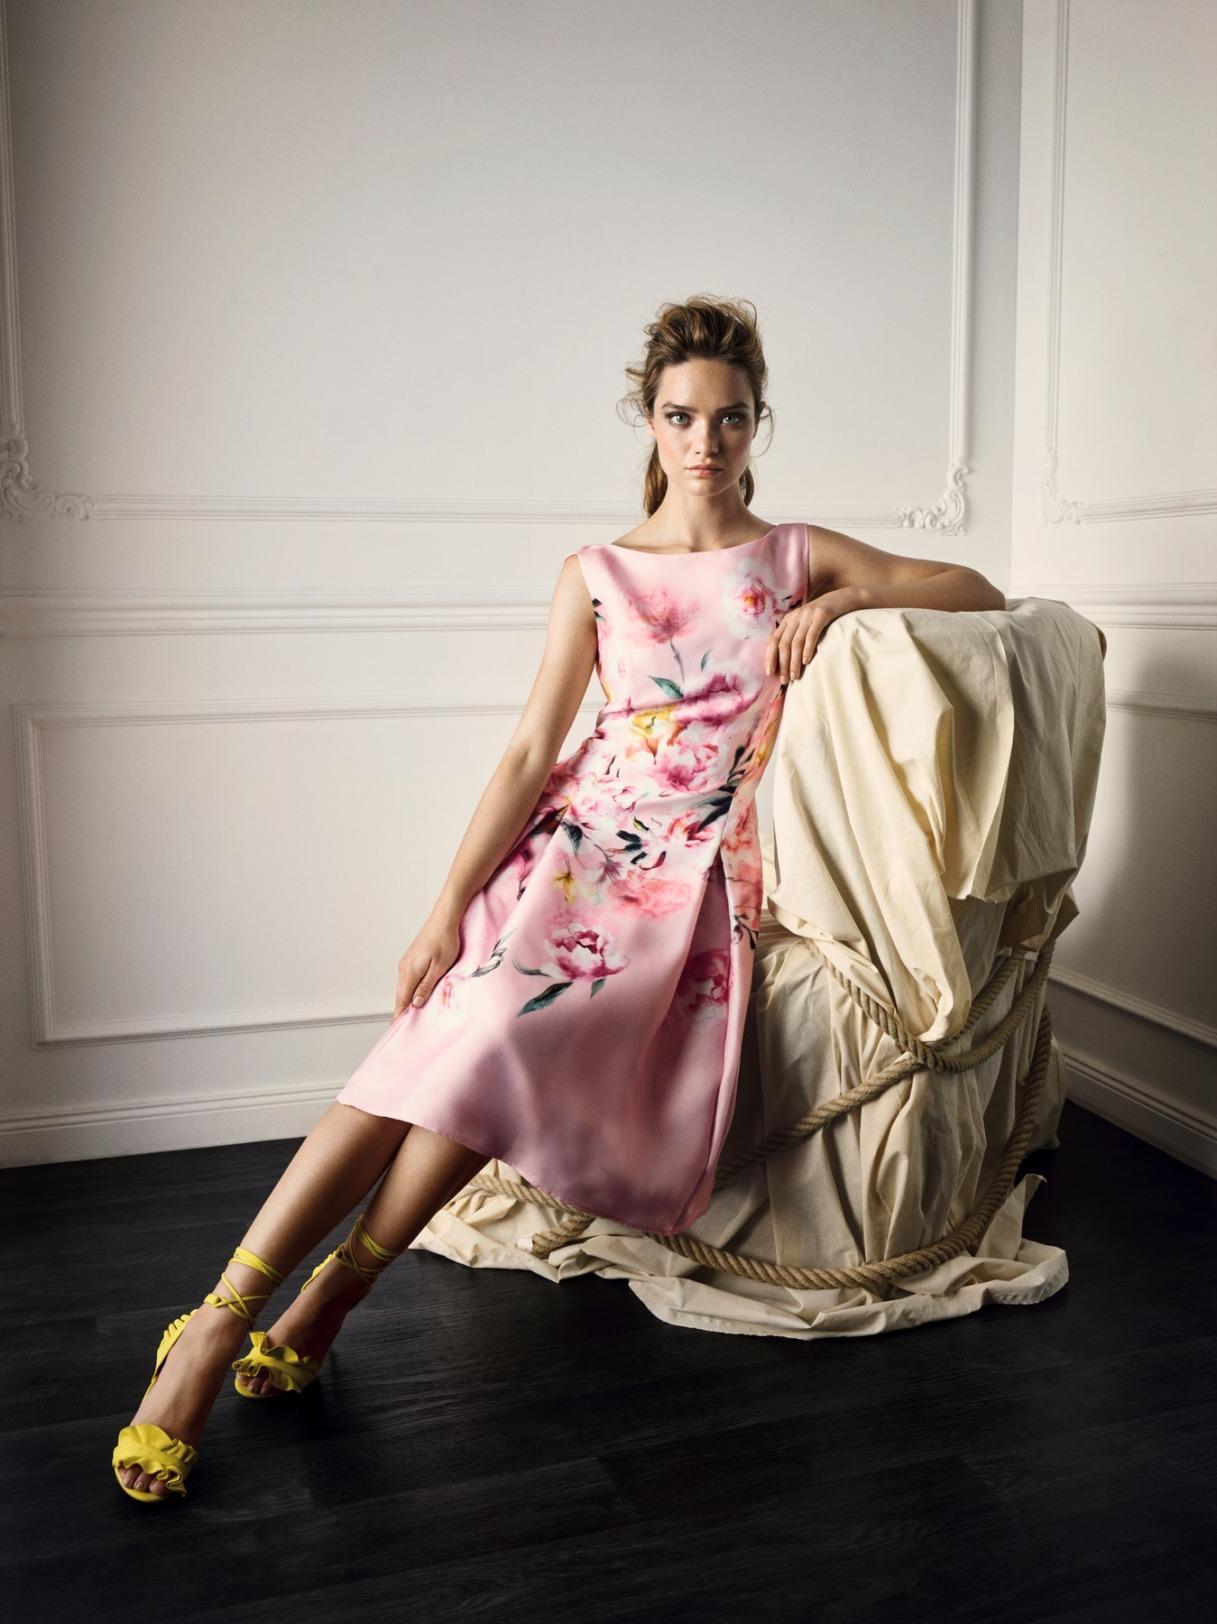 Vera Mont Kleid Anlass Mode Hochzeit Festmode Damen für Eltern Blumendruck rose kurz